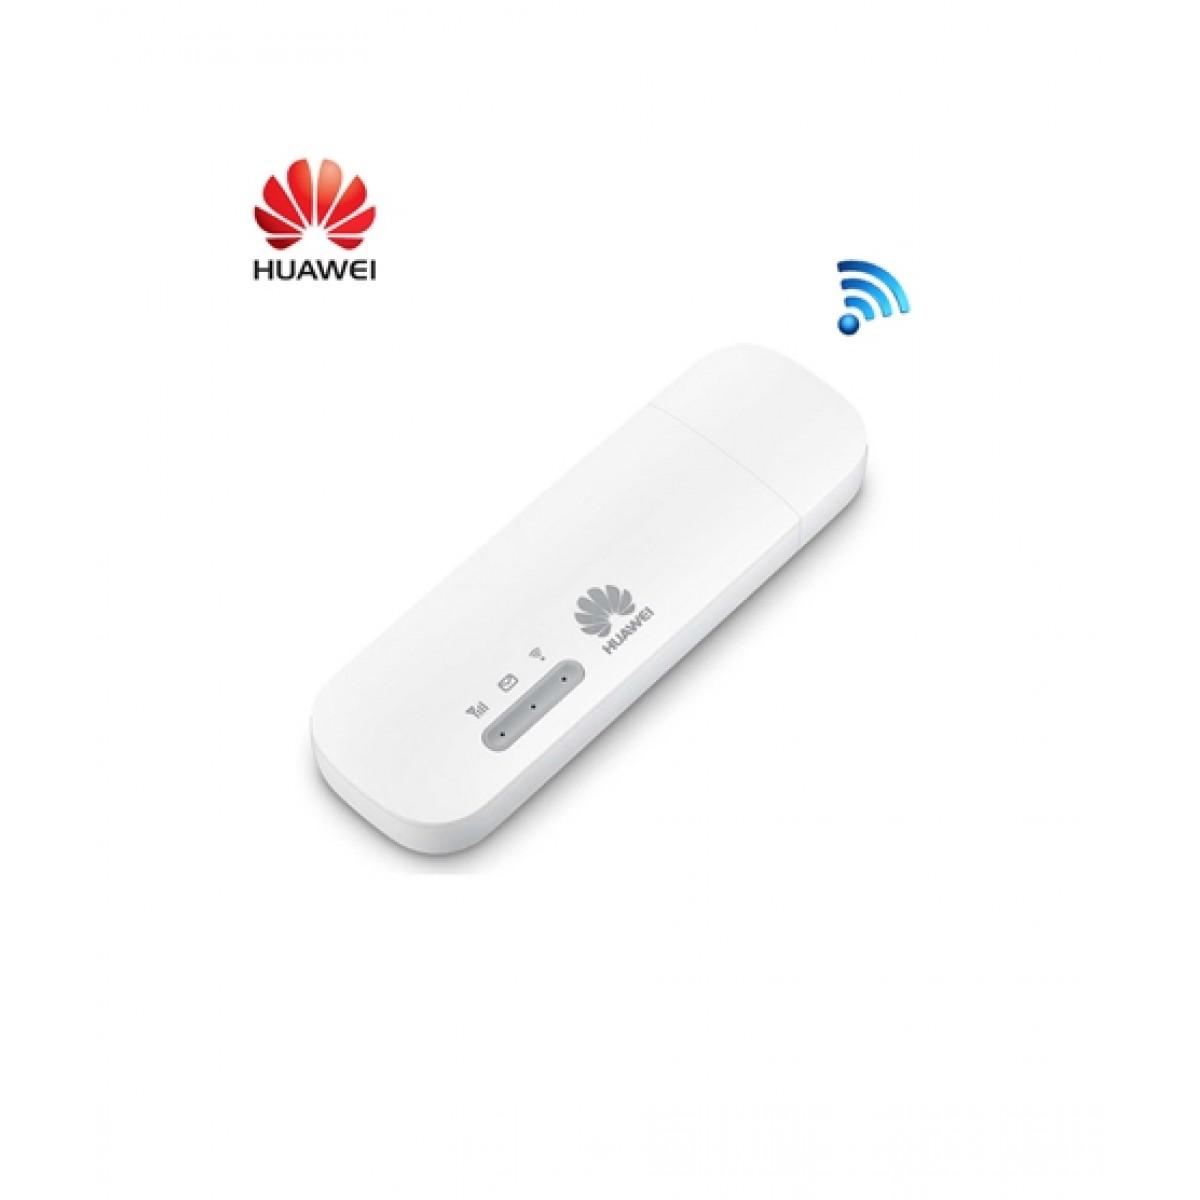 Huawei Wifi Hotspot Wingle 3G/4G